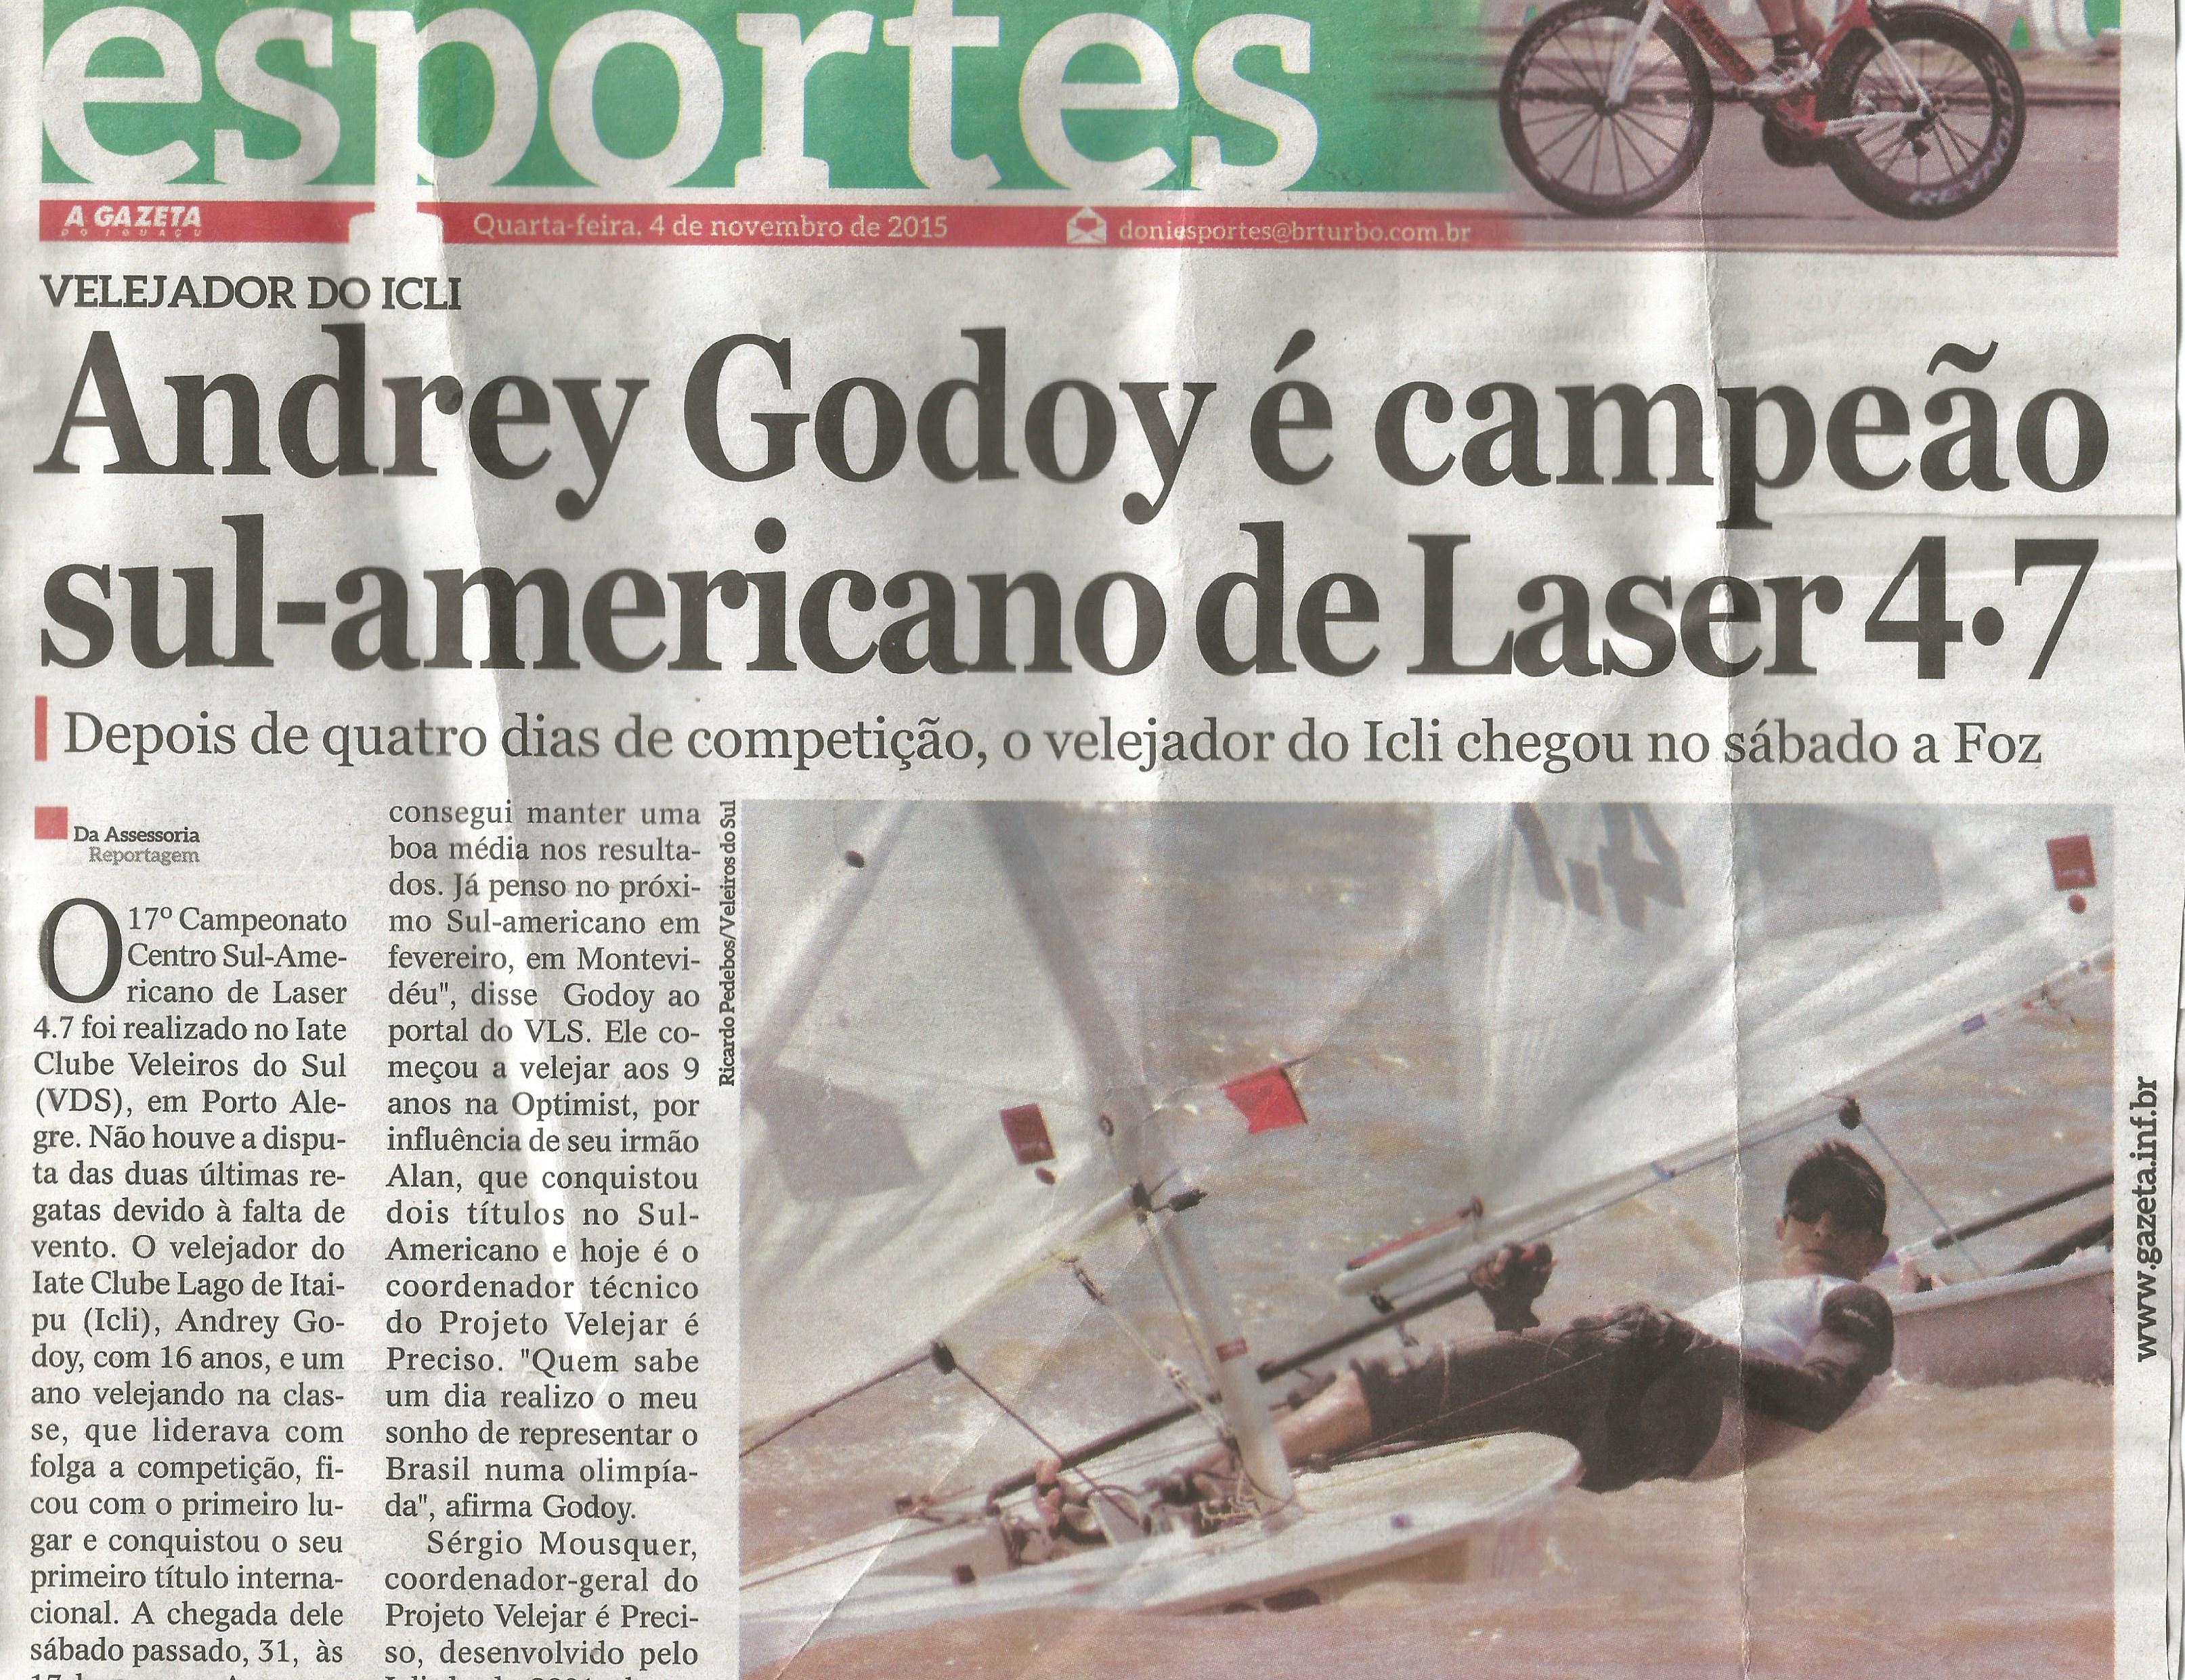 Andrey Godoy